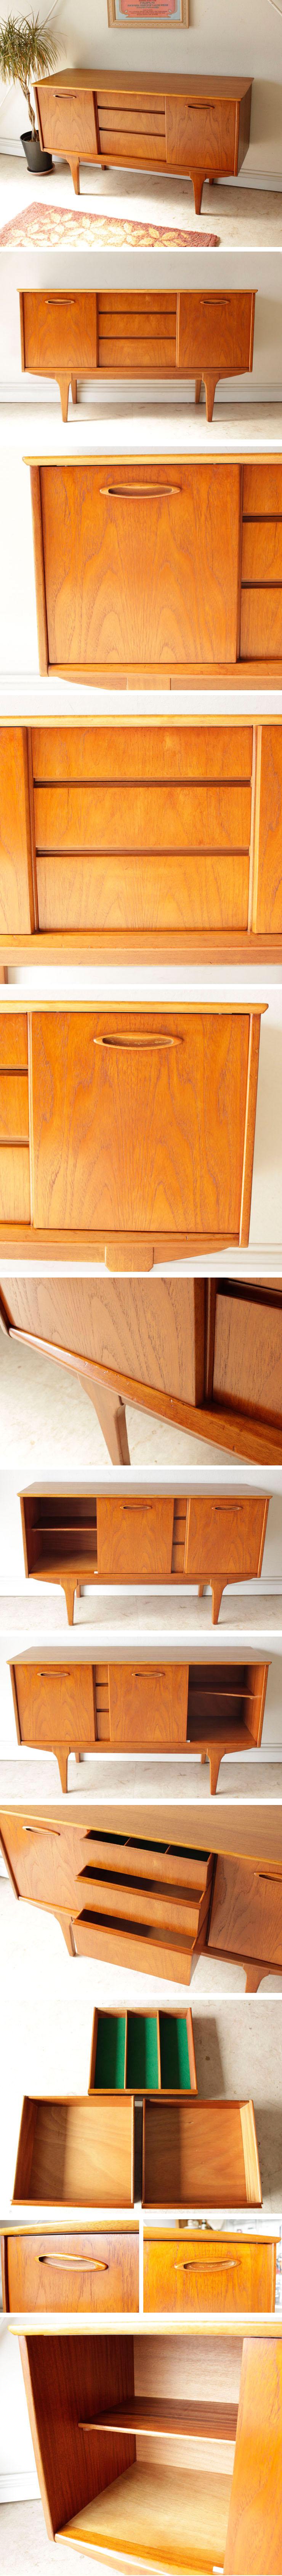 ジェンティーク・サイドボード・北欧・アンティーク・ビンテージ・輸入家具